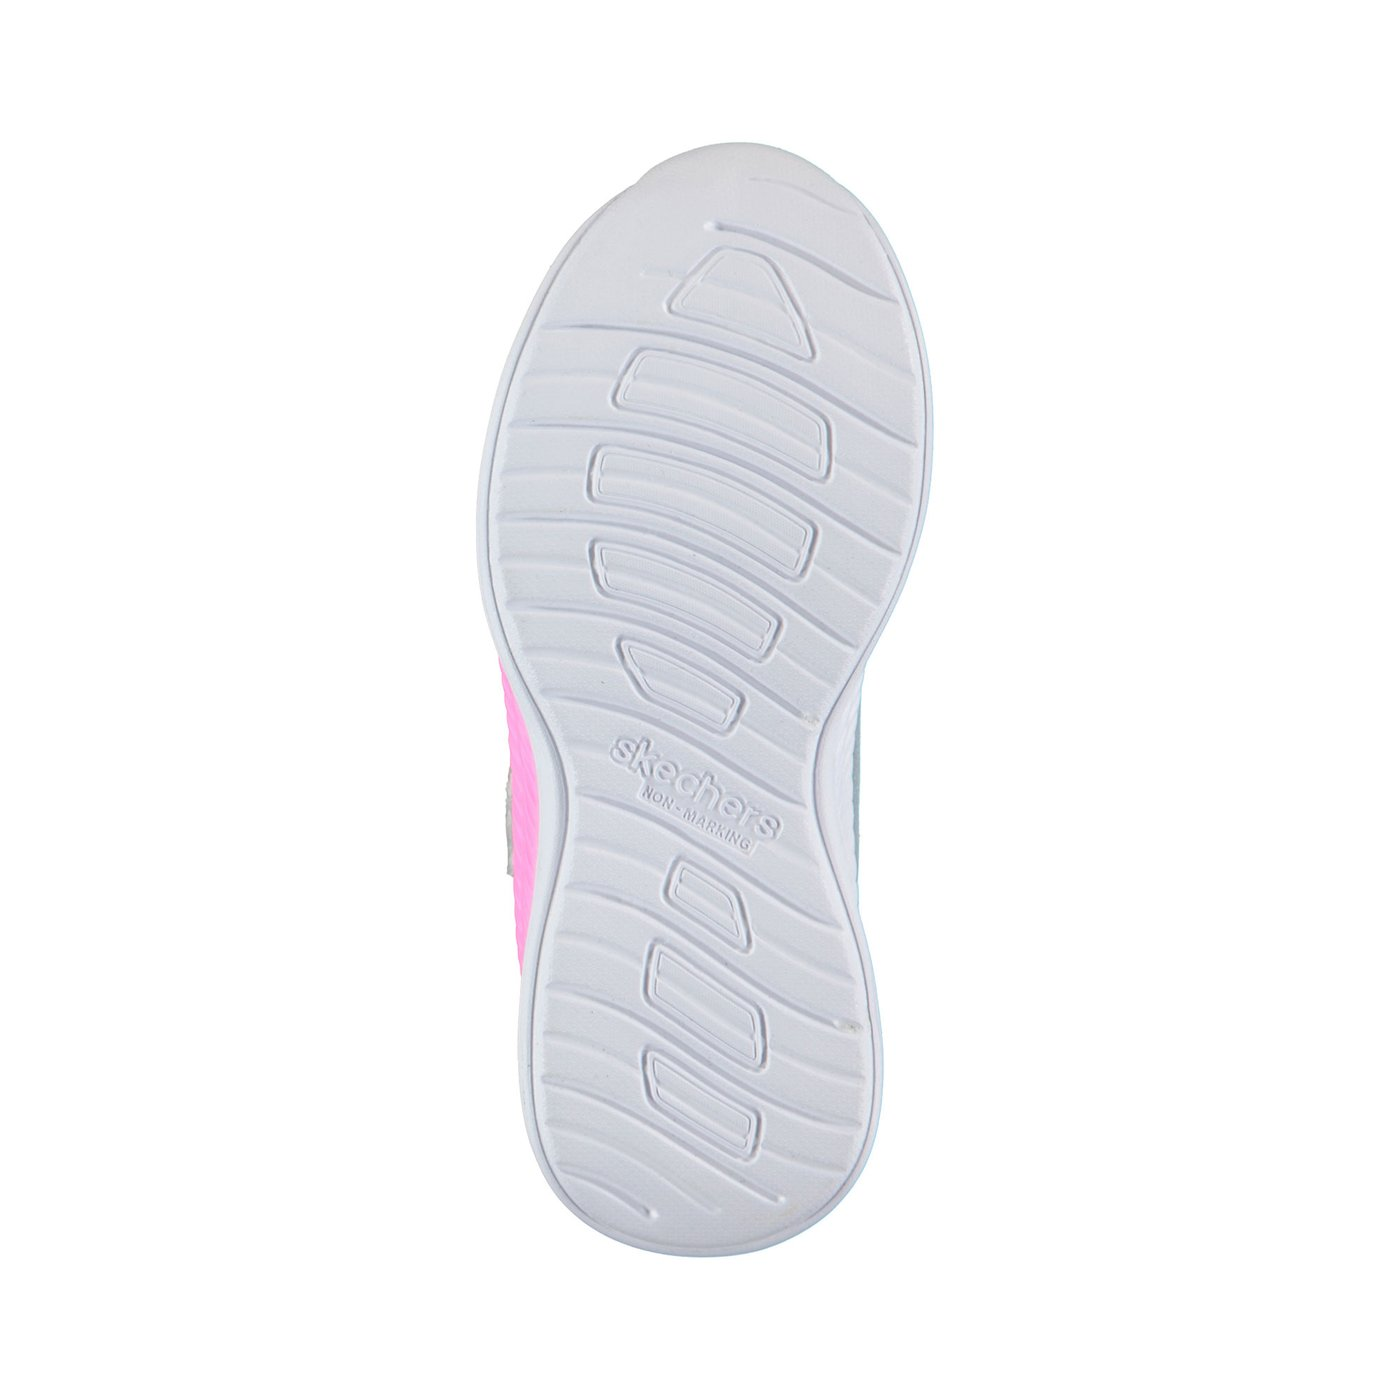 Skechers Move 'N Groove Kız Çocuk Gri-Açık Yeşil Spor Ayakkabı